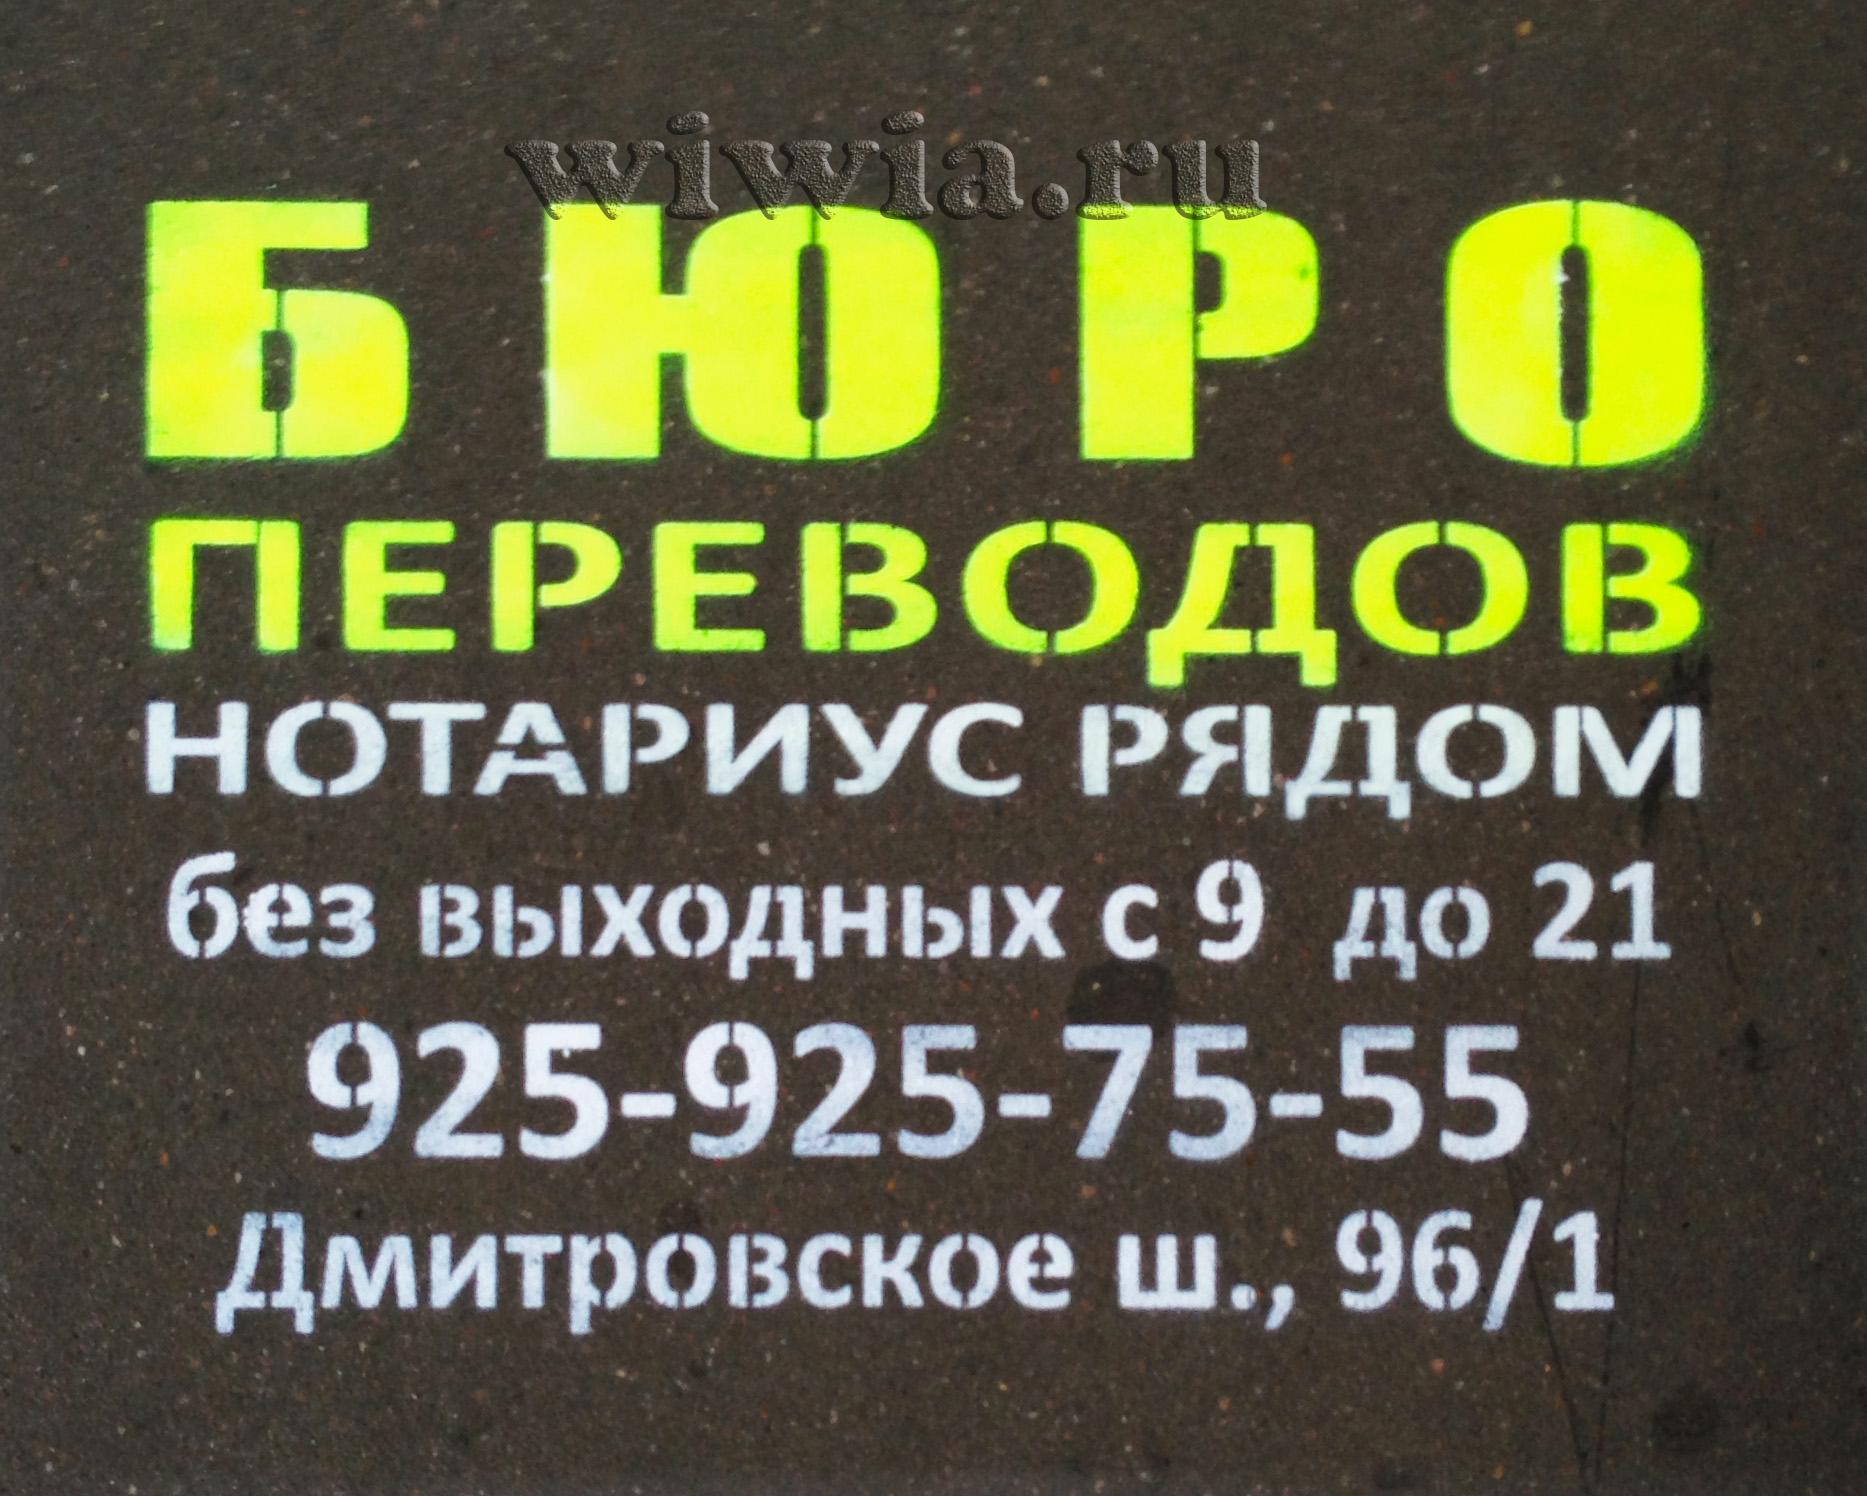 Реклама на асфальте. Бюро переводов.